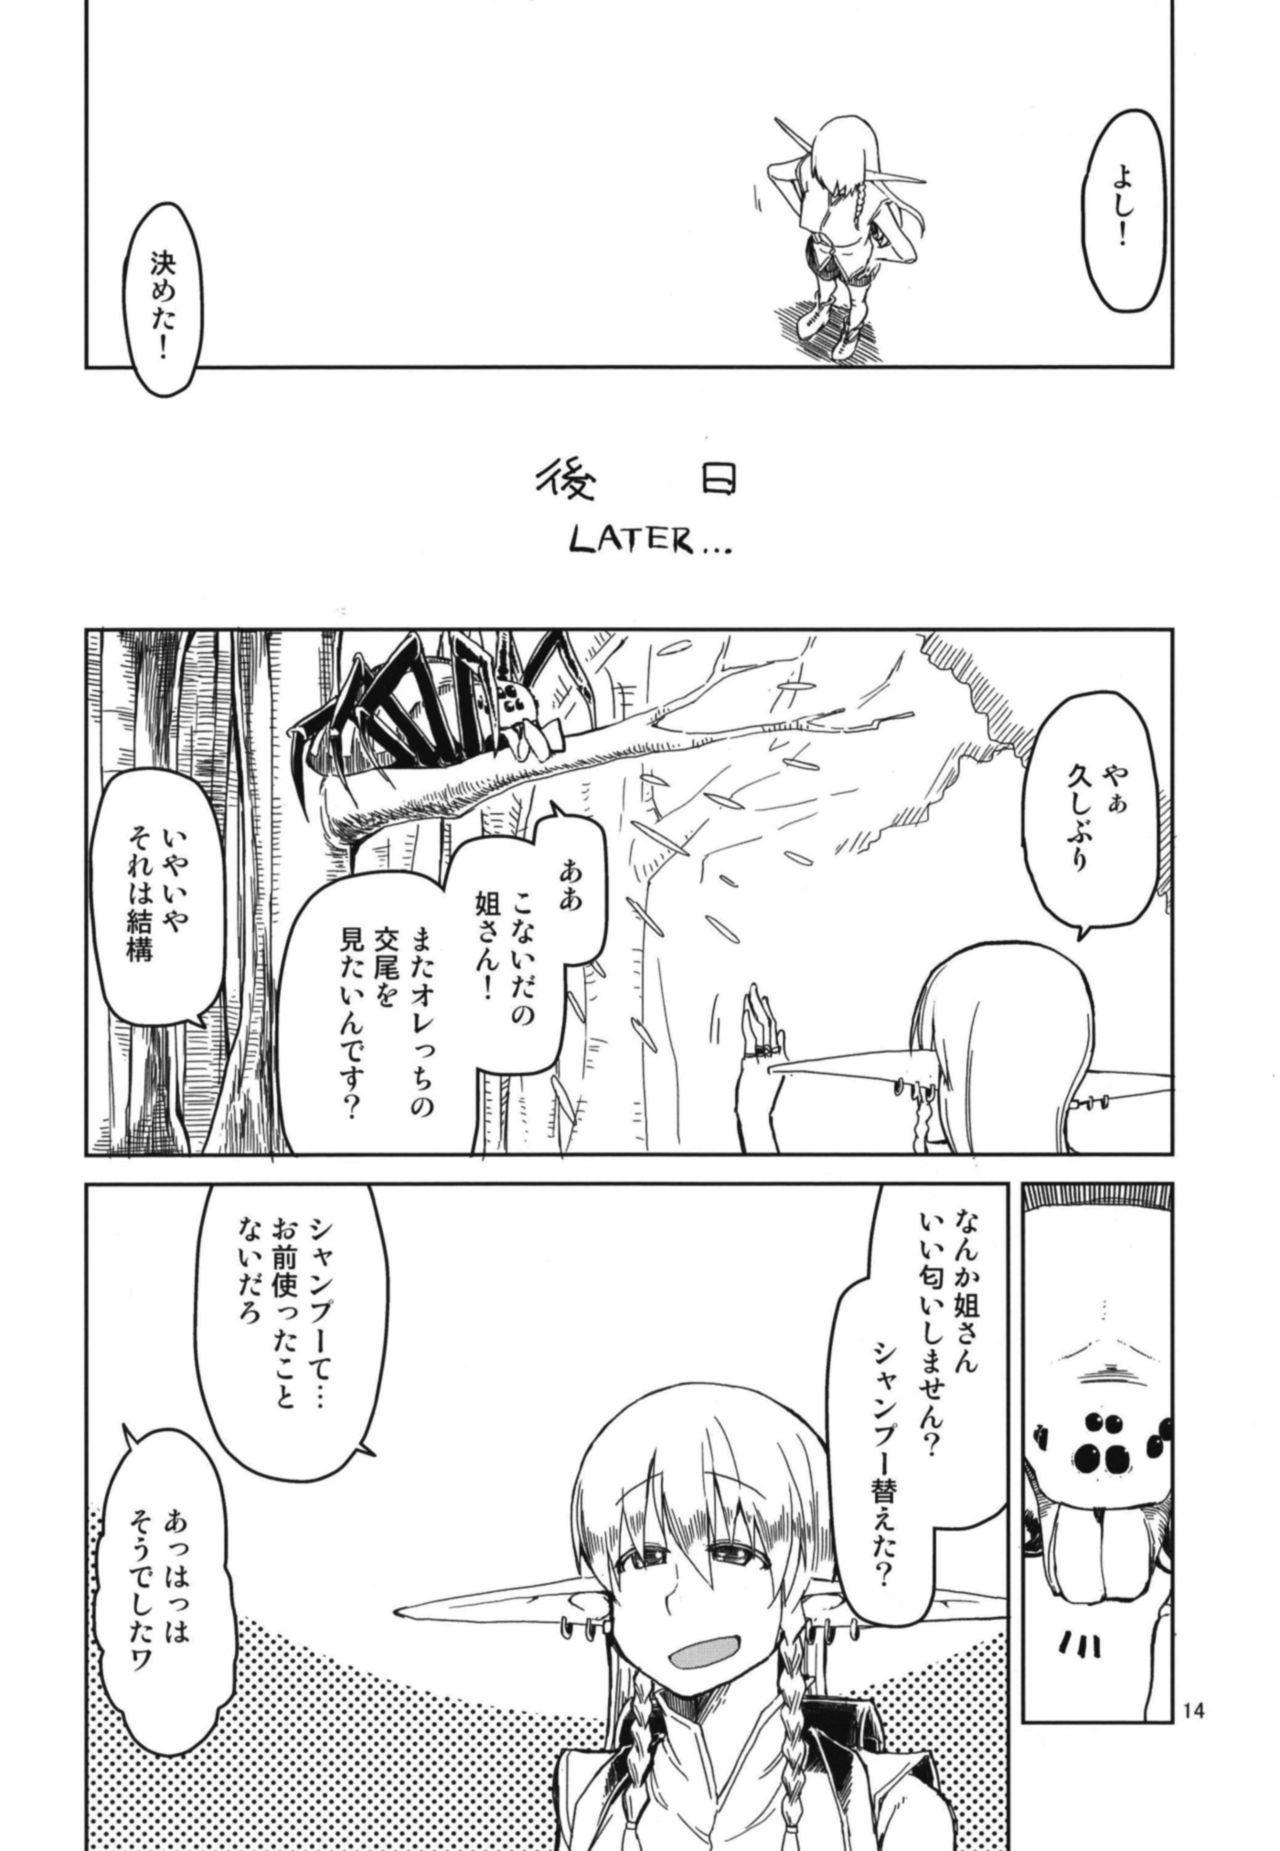 Dosukebe Elf no Ishukan Nikki 5 15